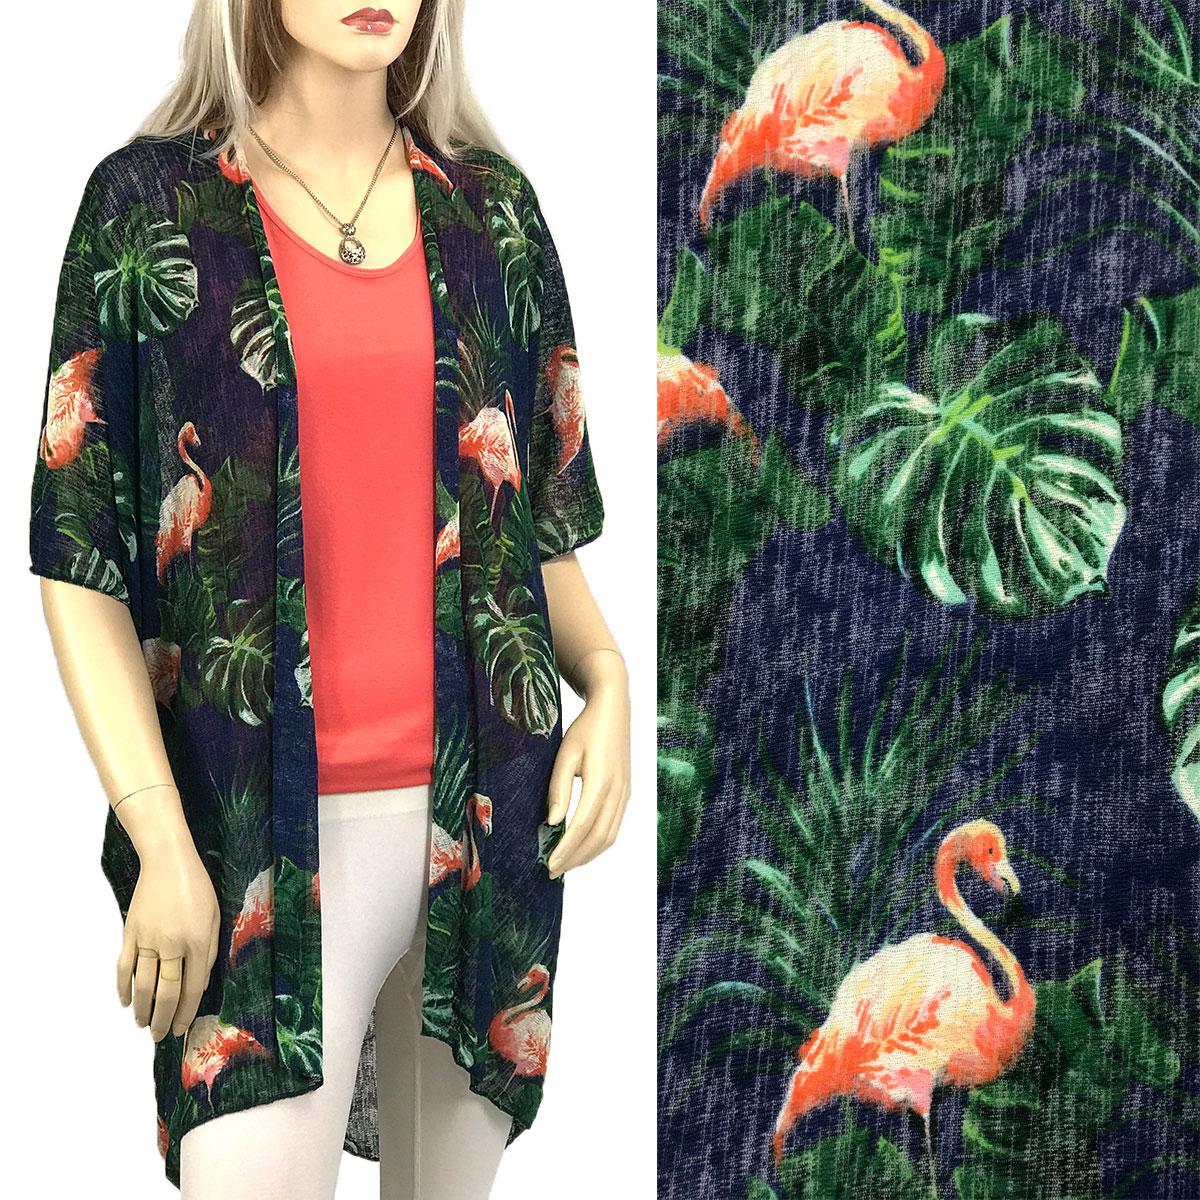 Kimono - Crepe 1389 & 835 - Flamingo Print 1389 - Navy